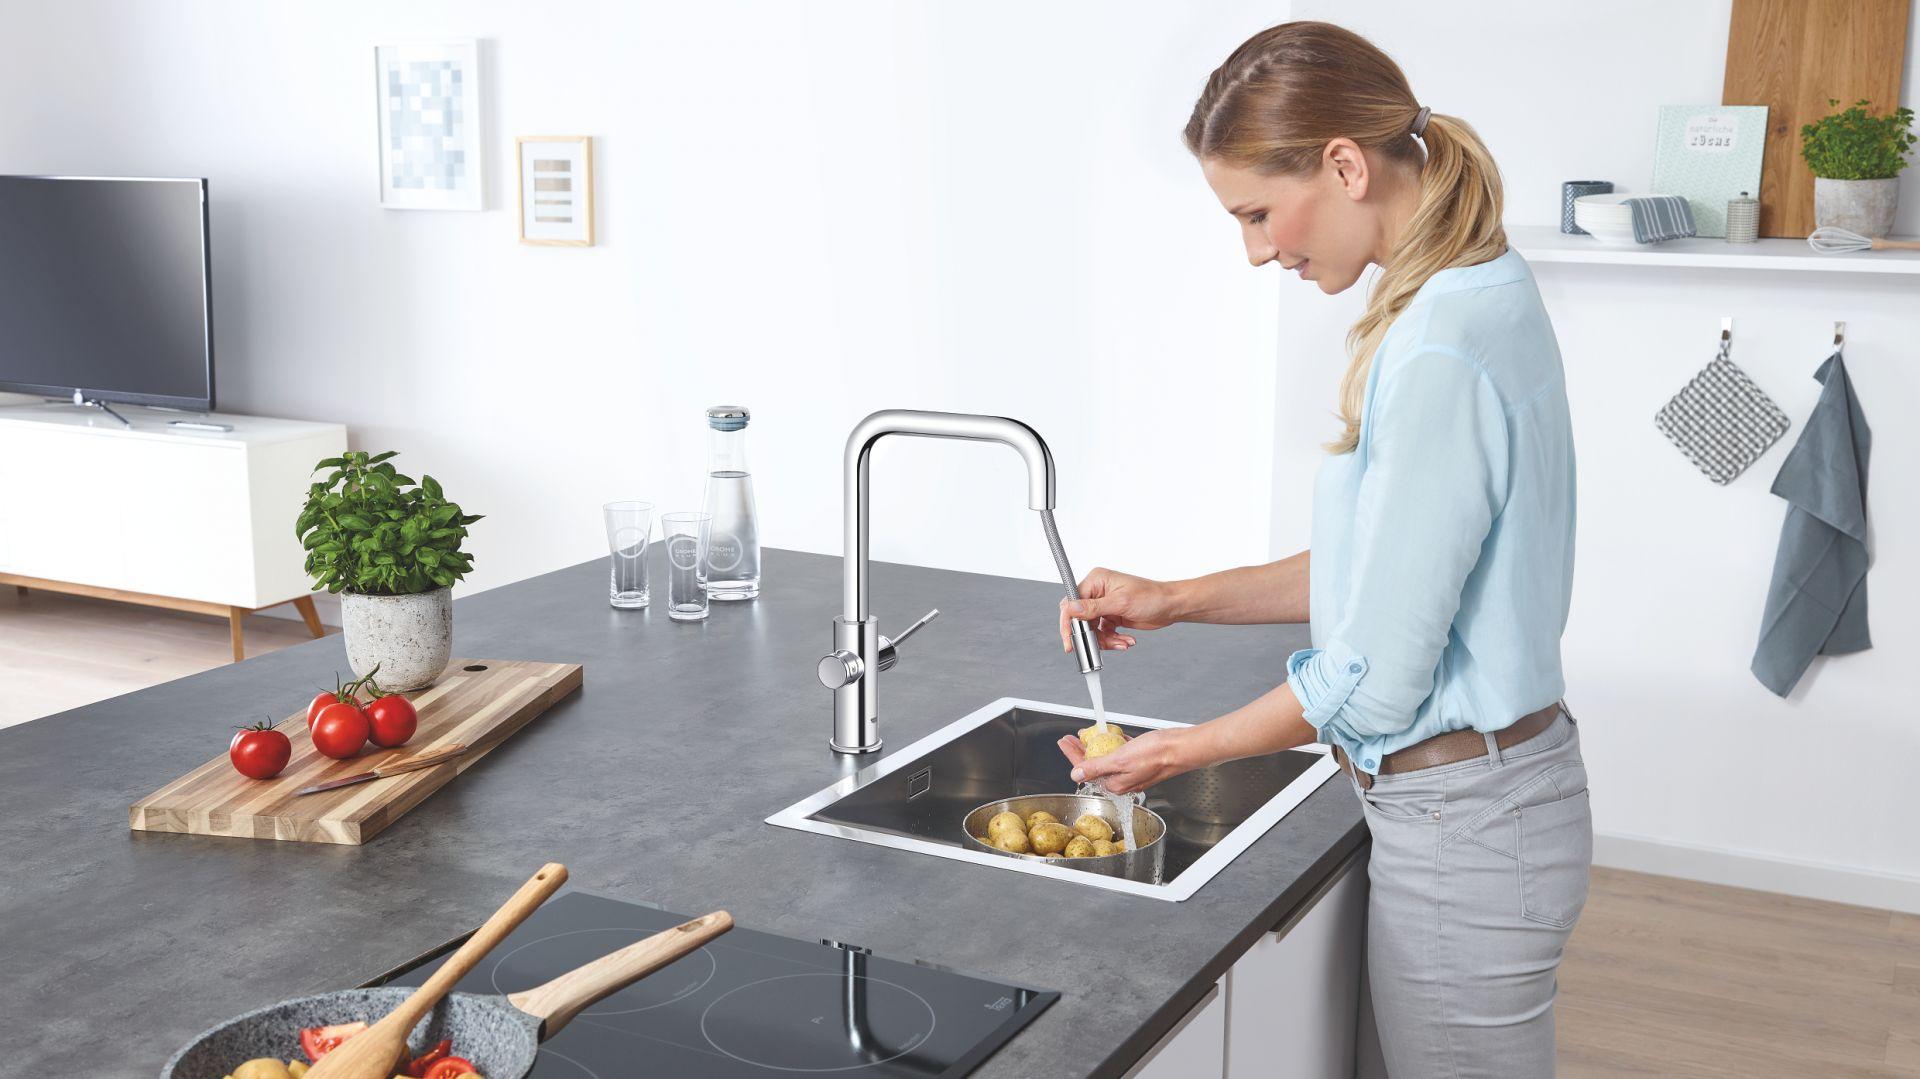 System kuchenny Blue Home Pull-out Connected może być sterowany poprzez aplikację w smartfonie. Dostarcza smacznej i przefiltrowanej wody niegazowanej, lekko gazowanej i gazowanej. Fot.  Grohe